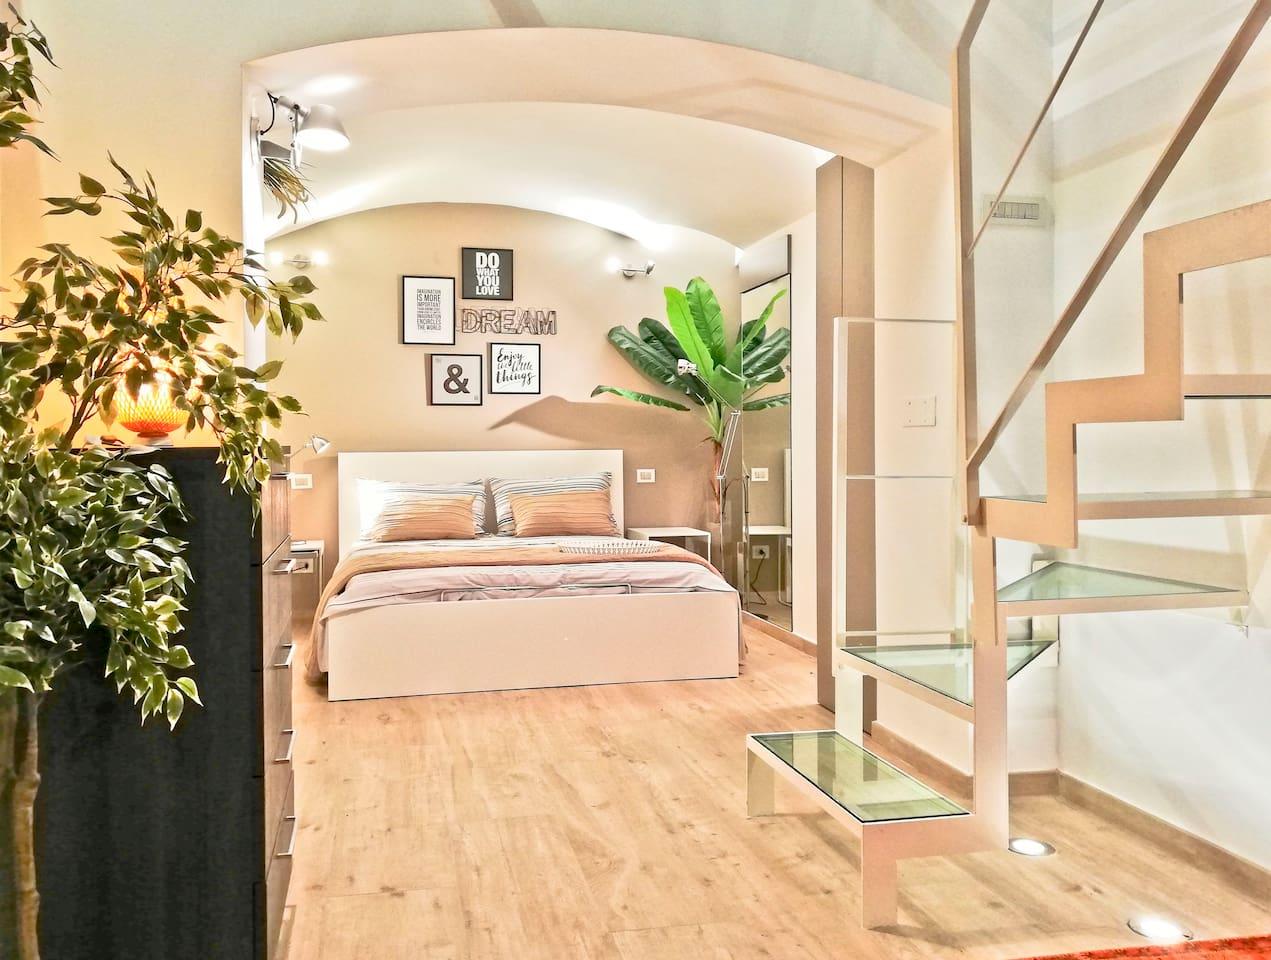 01/40 - CAMERA MATRIMONIALE con bagno privato, sauna e idromassaggio allo stesso piano - DOUBLE ROOM with private bathroom, sauna and whirlpool on the same floor